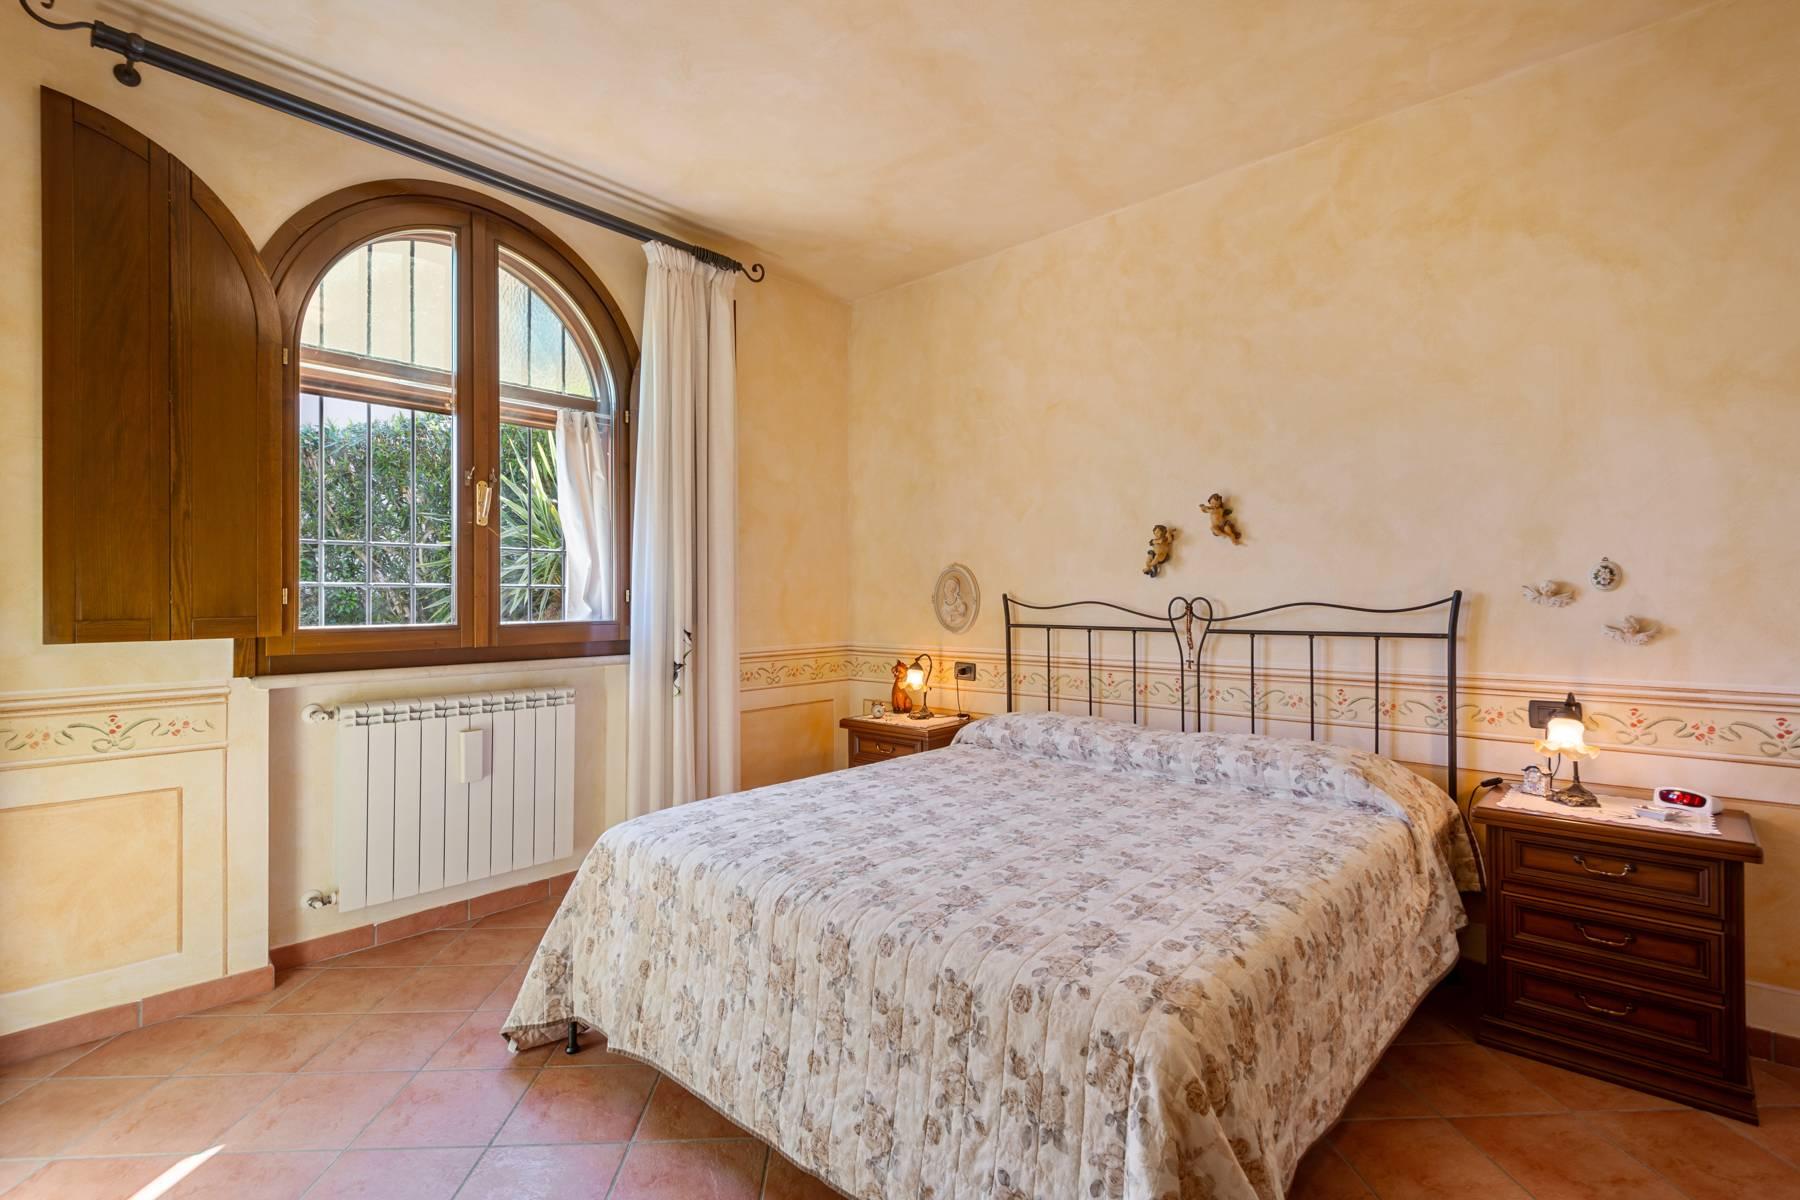 Casa indipendente in Vendita a Toscolano-Maderno: 4 locali, 76 mq - Foto 10